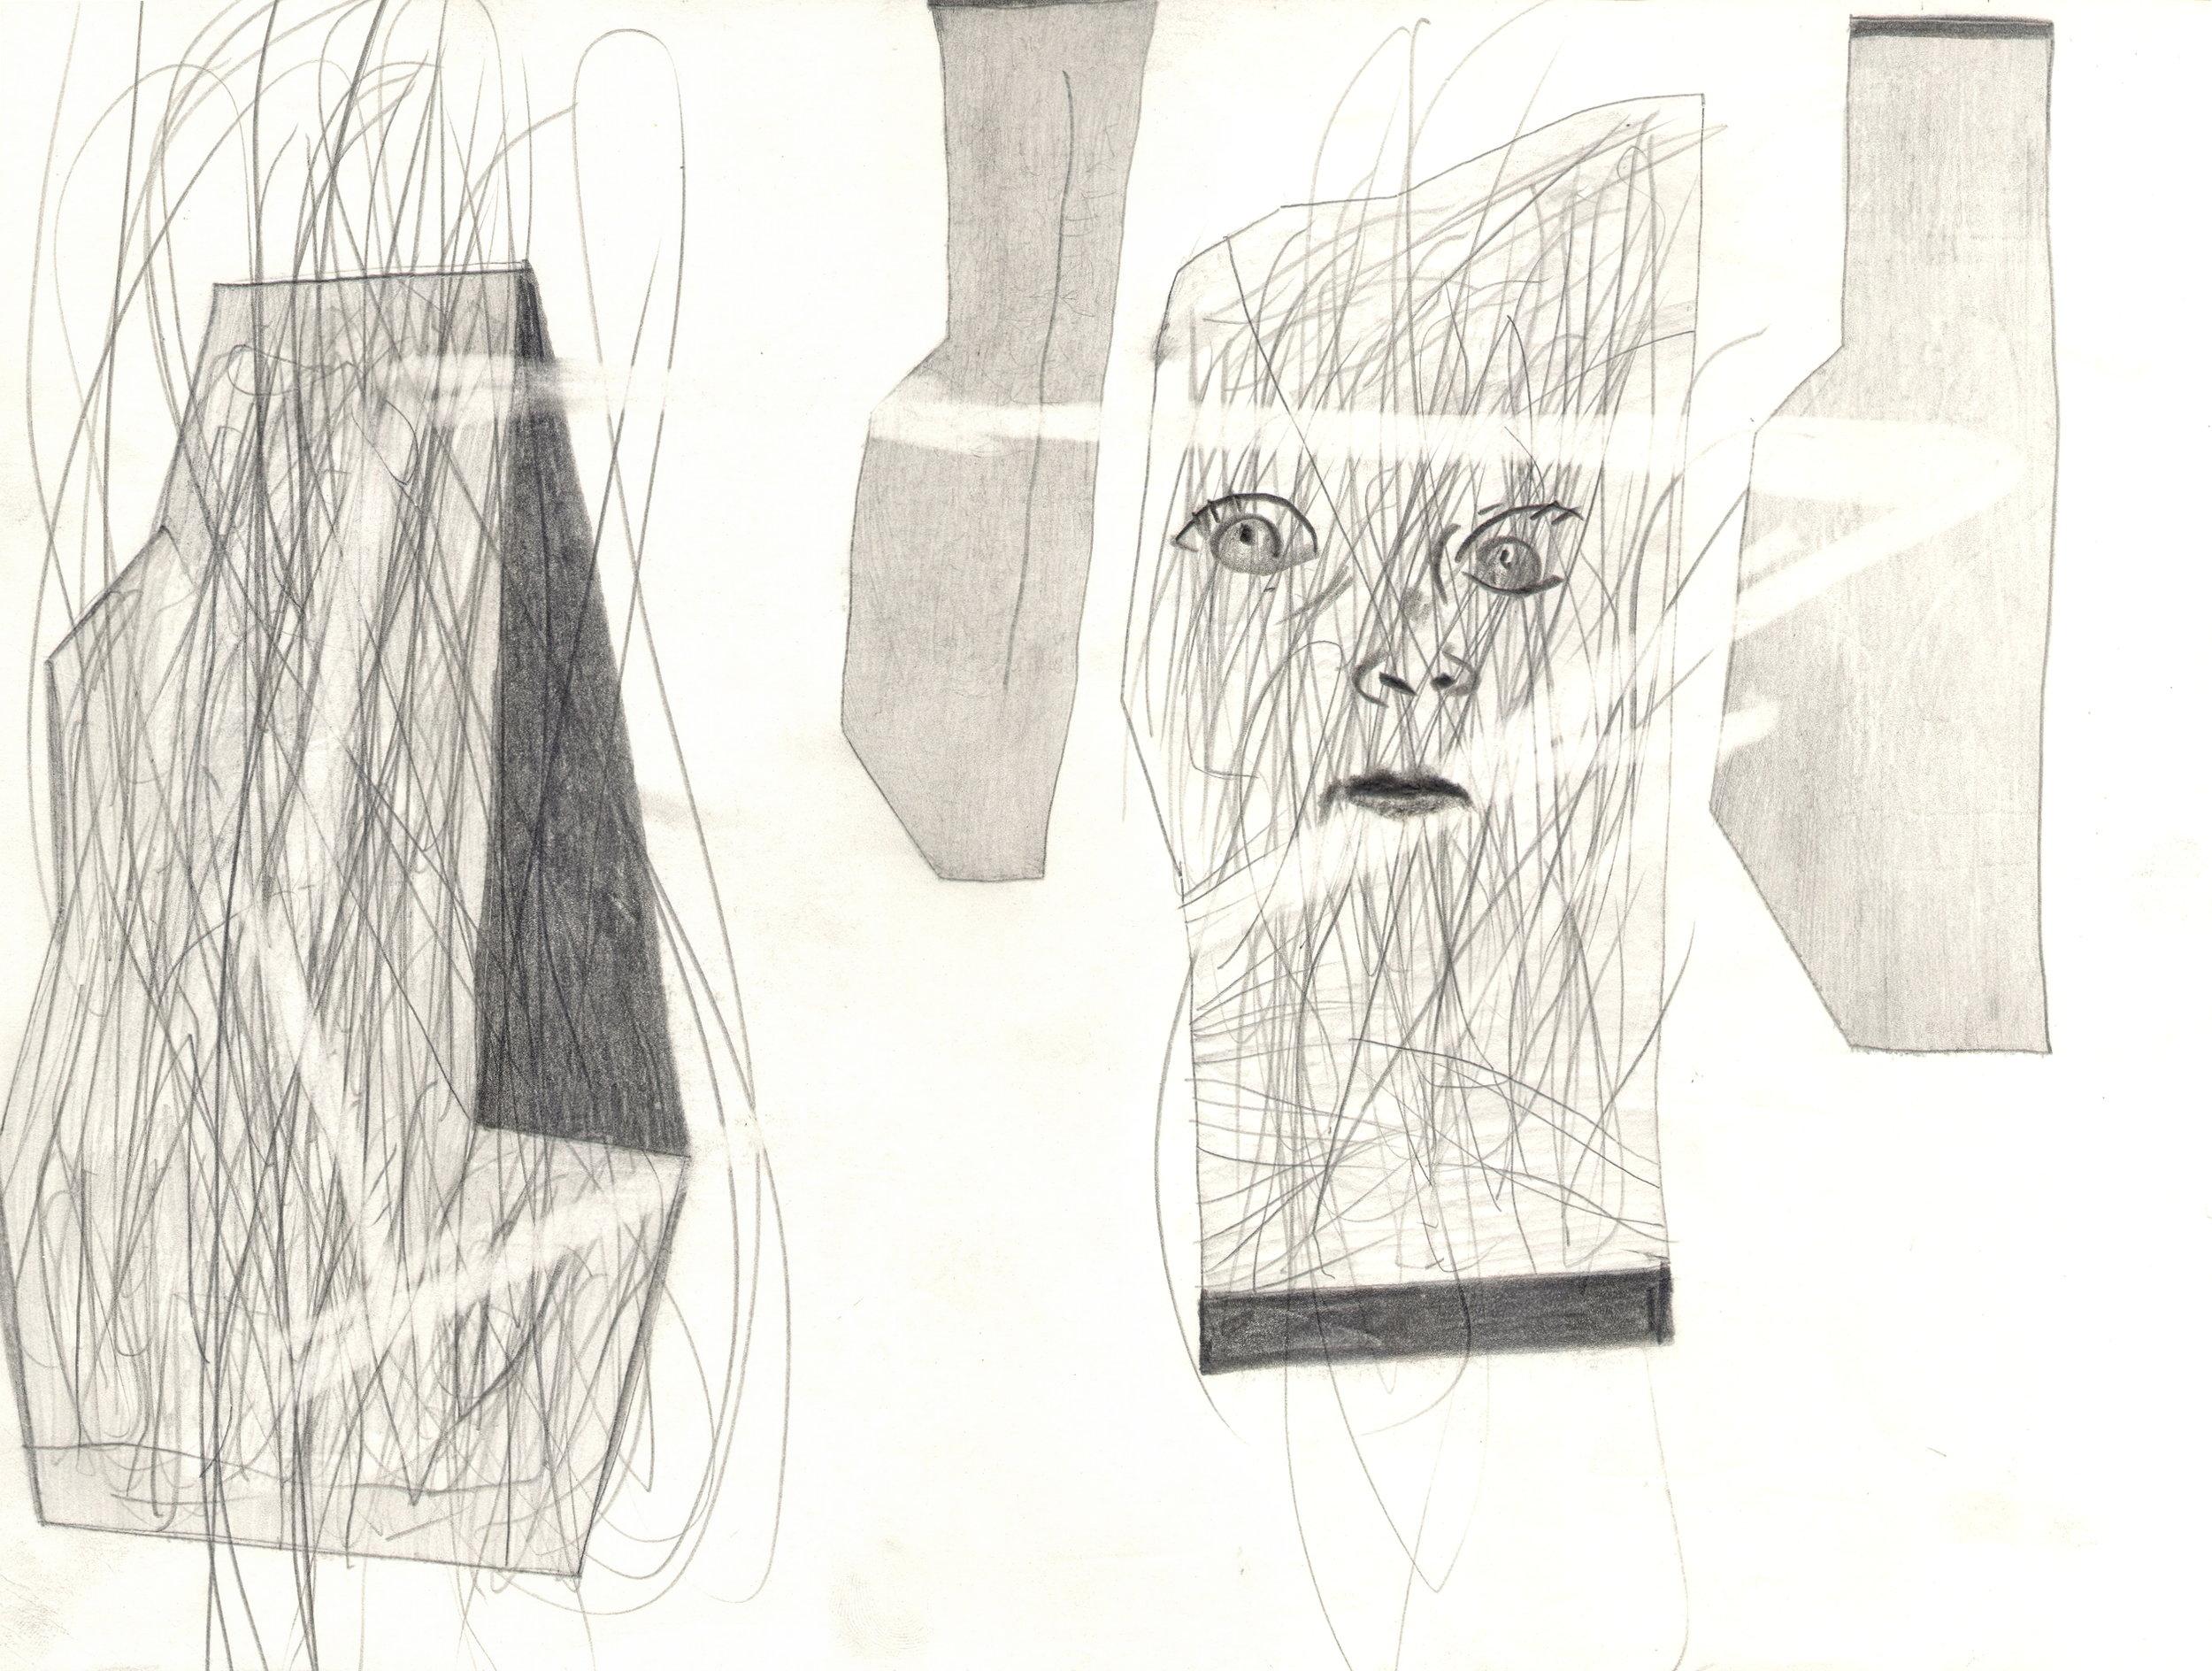 O.T. ( Allegorie Psychologie ), 2014  26x35.5cm, Bleistift auf Papier